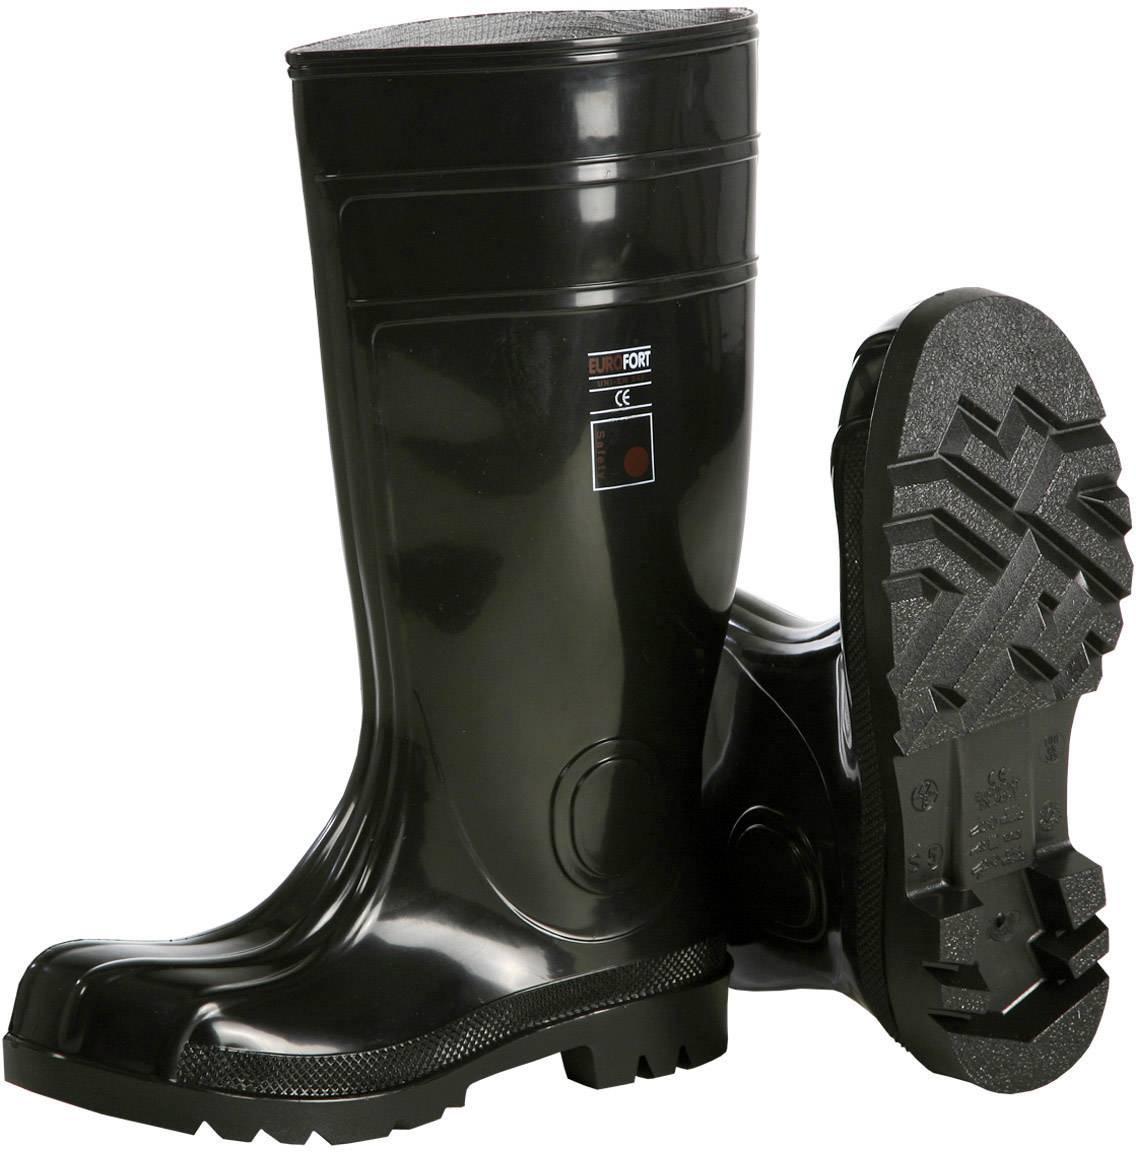 Stivali di sicurezza S5 Misura